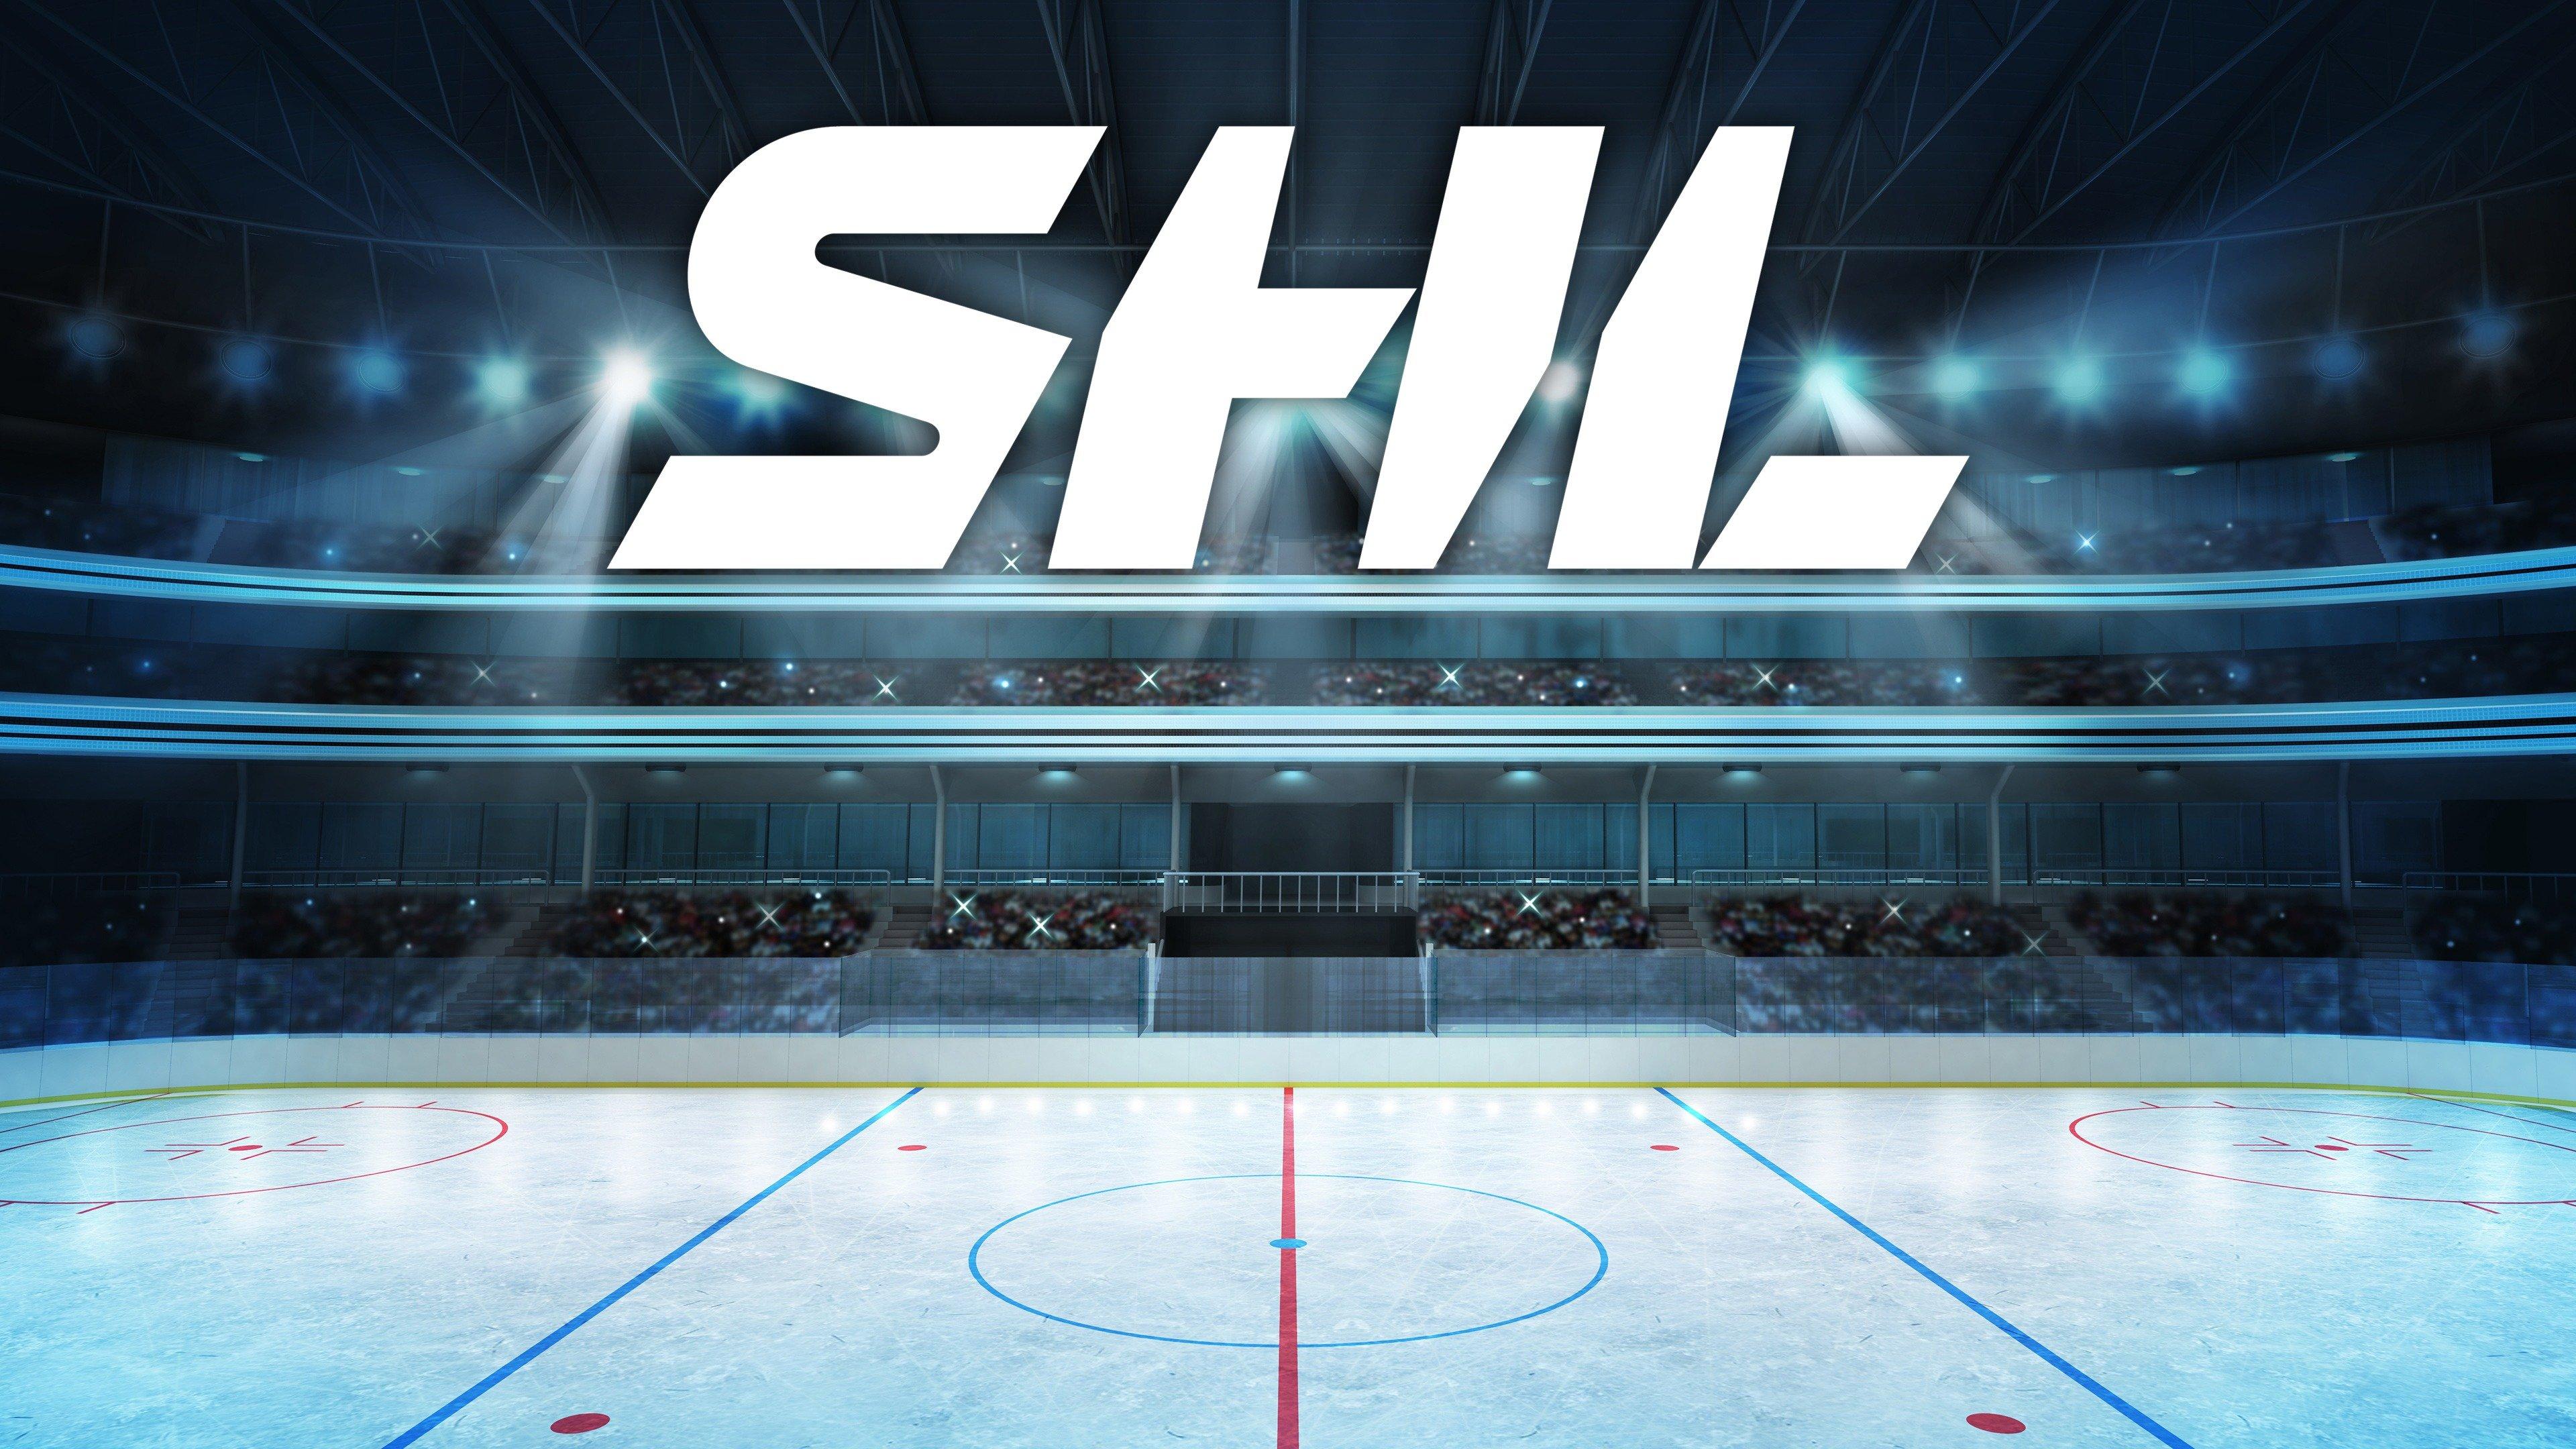 Ishockey: SHL